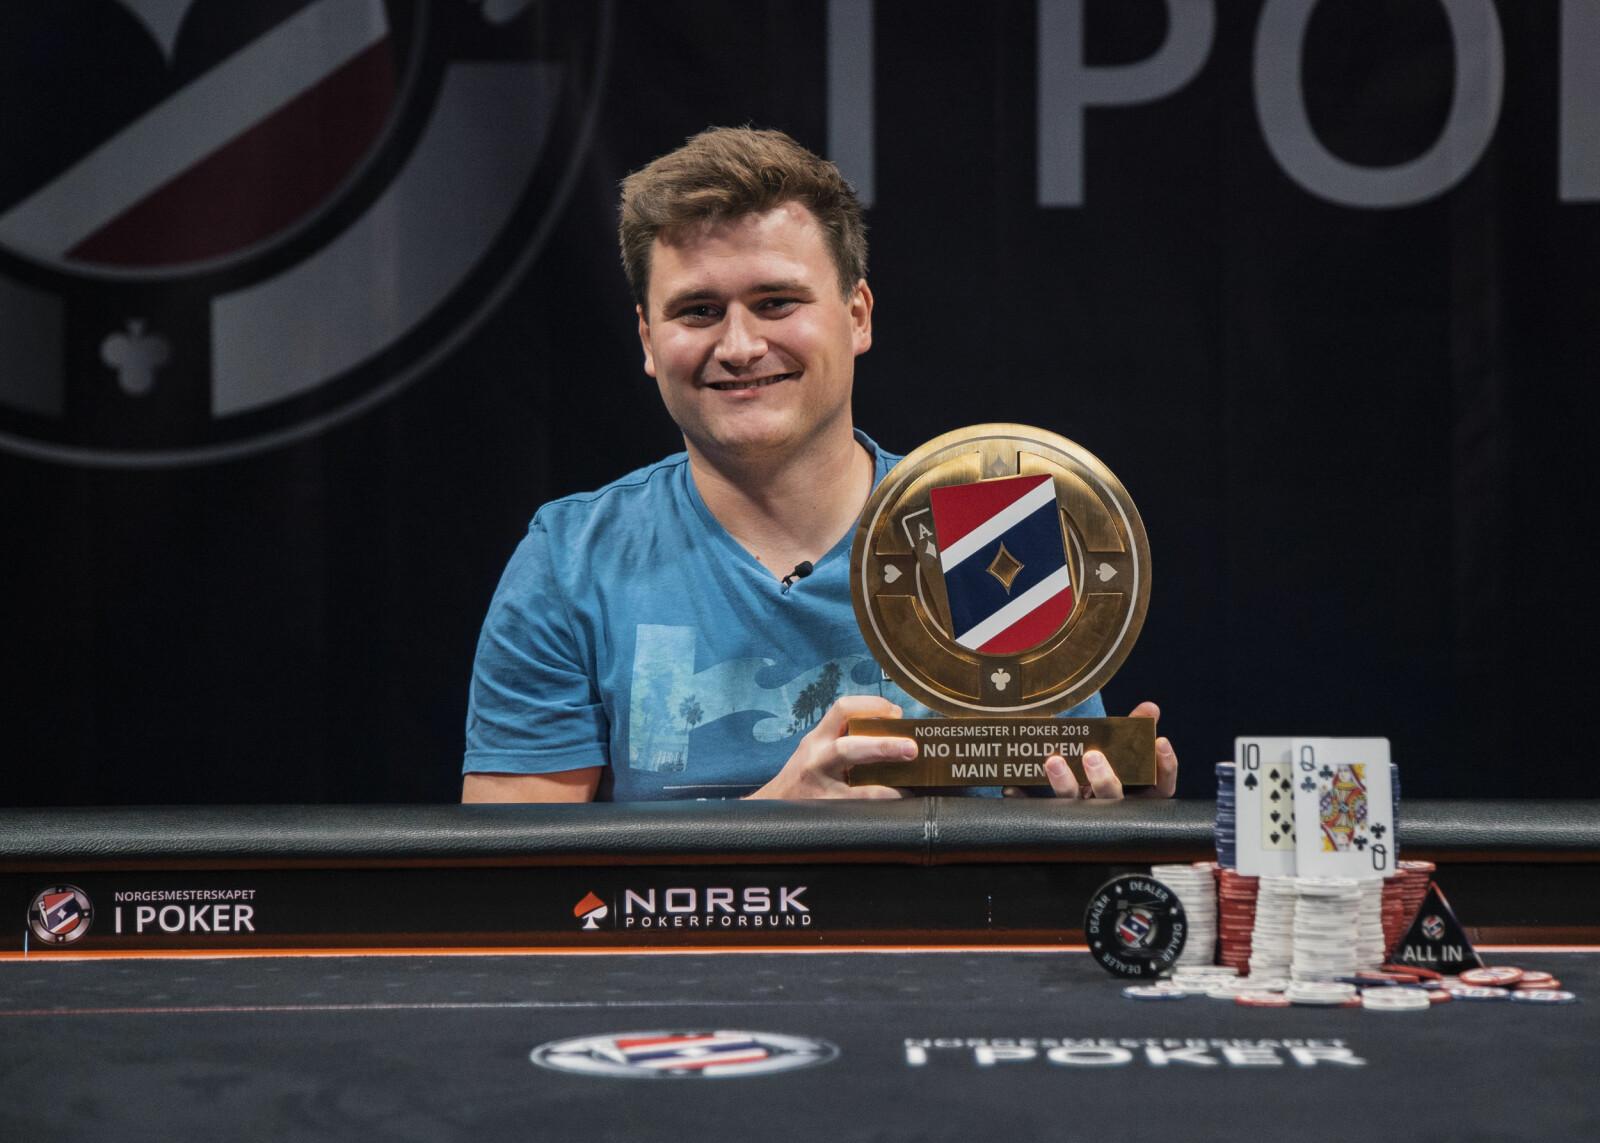 NORGESMESTER I POKER: Robert Kaggerud er vinner av Norgesmesterskapet i poker 2018.